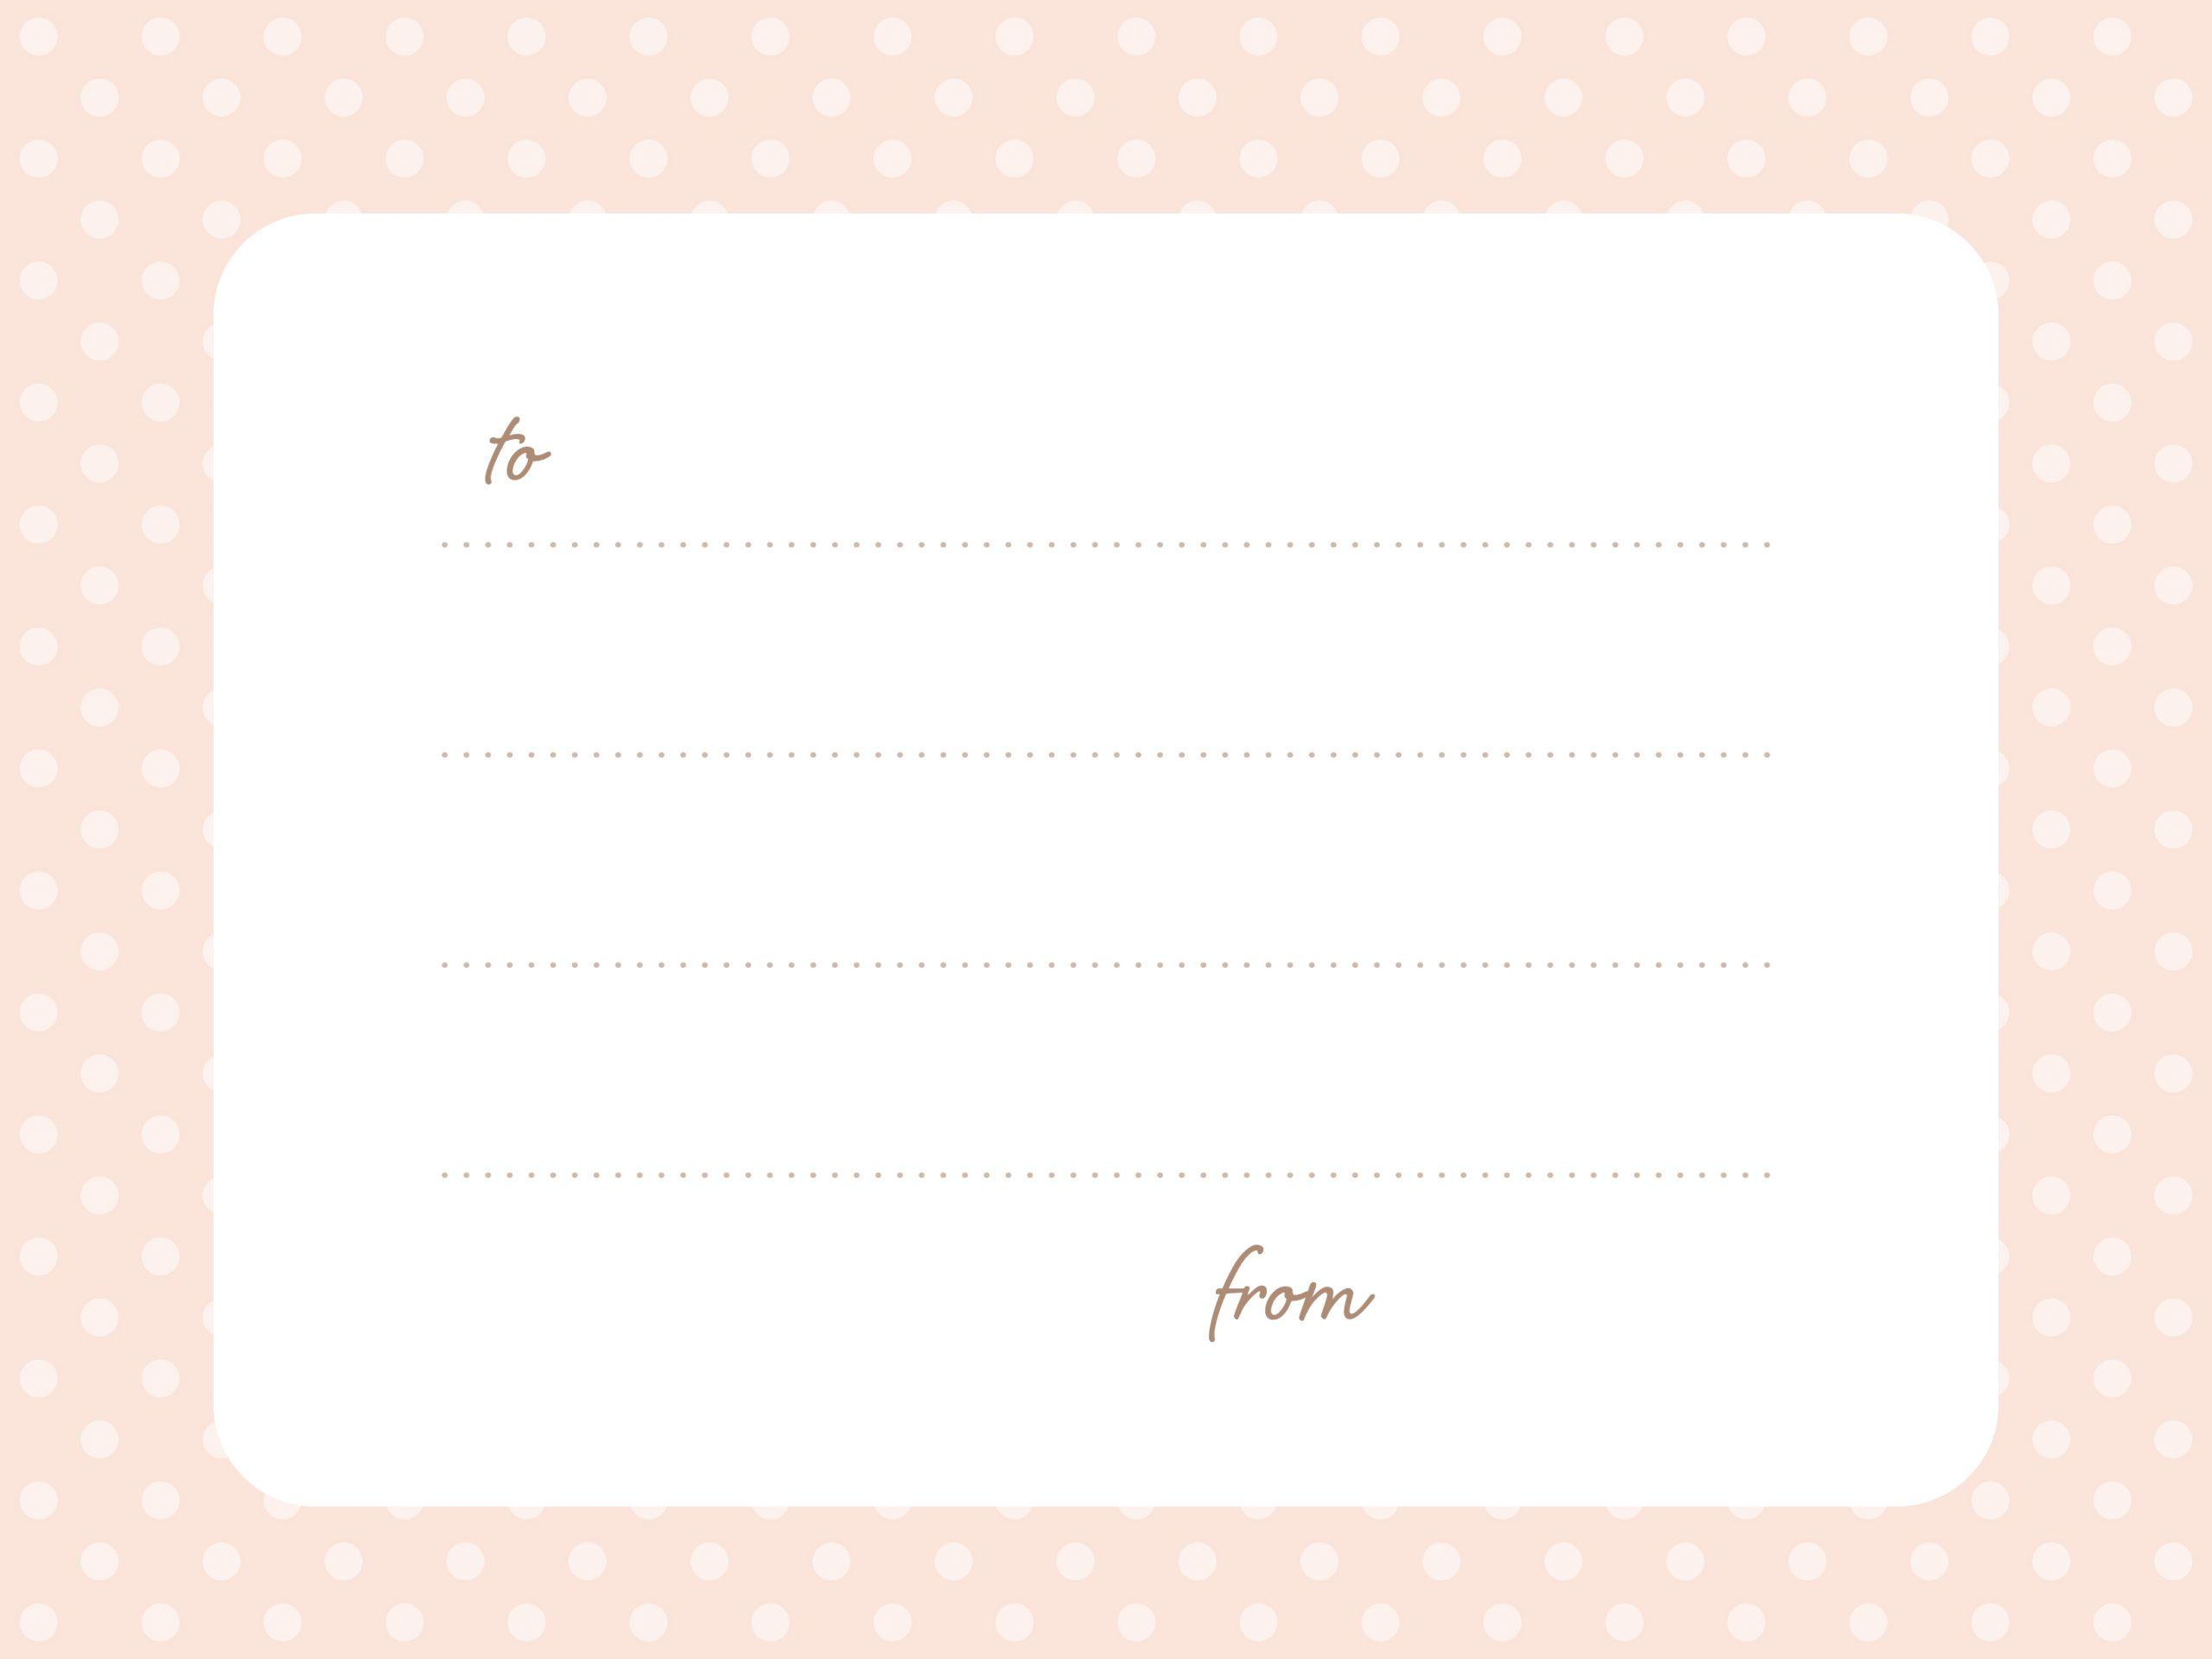 テンプレート画像 メモ ピンク メッセージカード